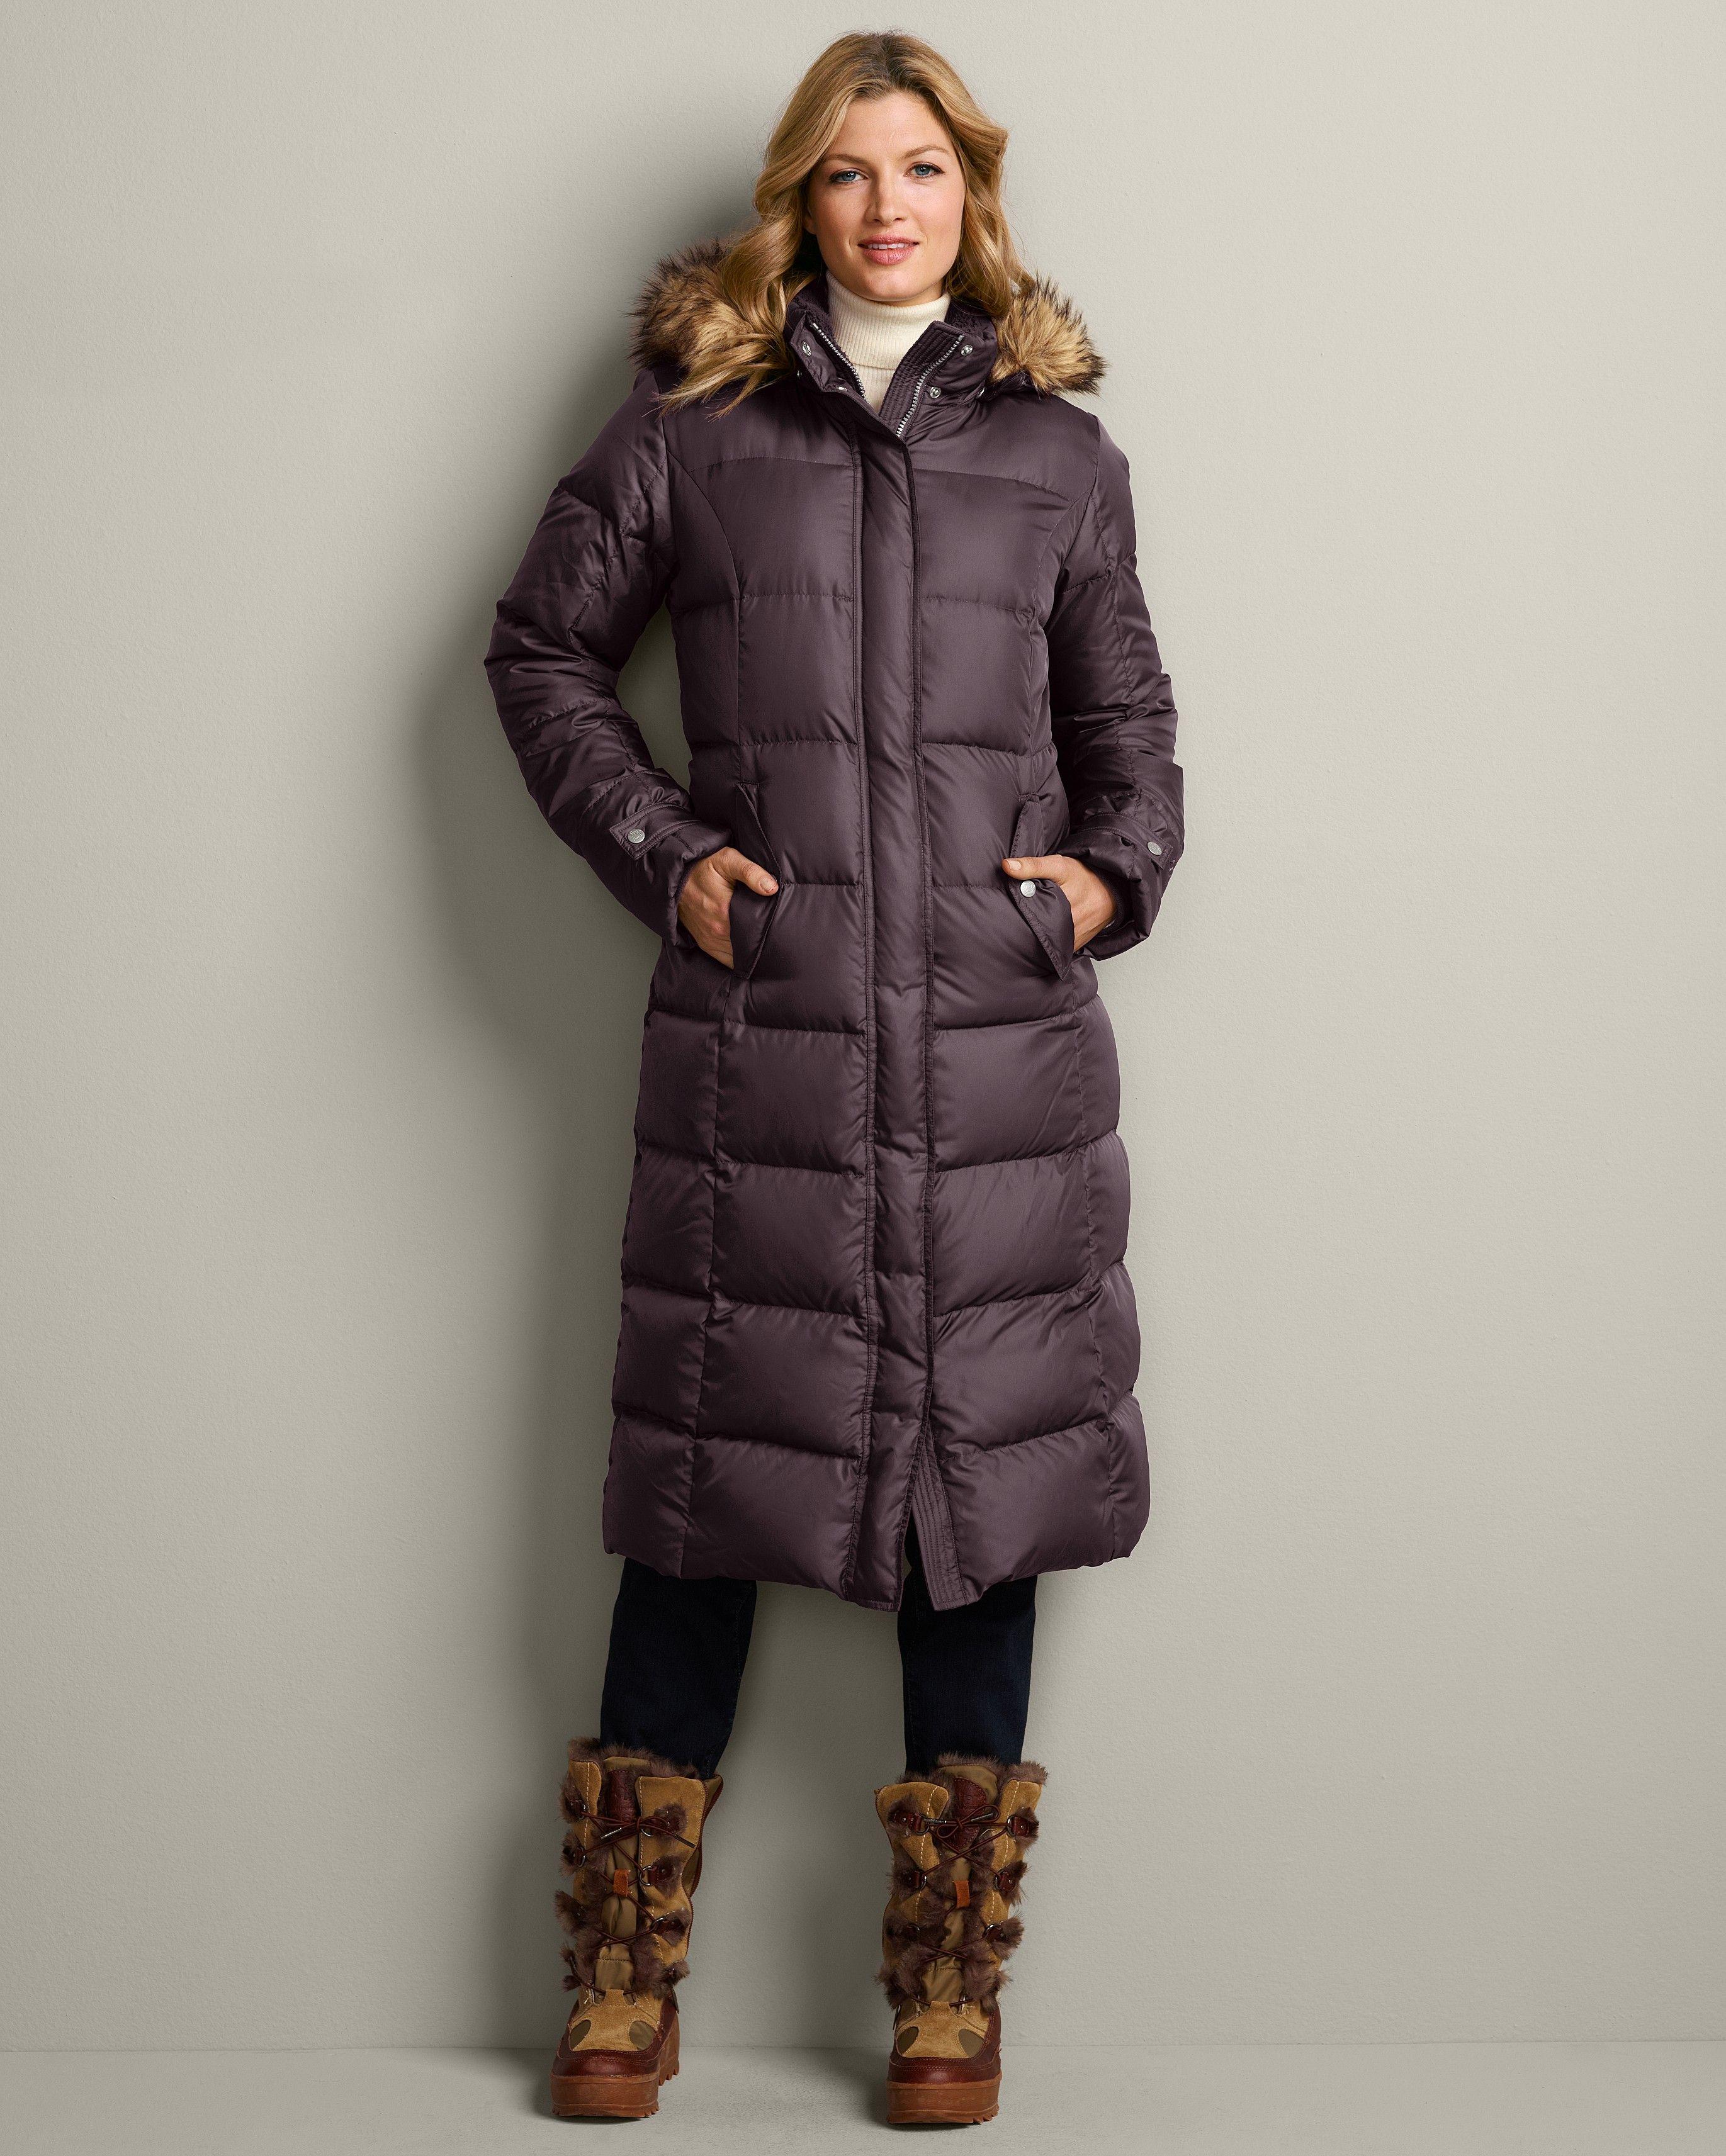 Как сшить пальто на синтепоне женское фото 111